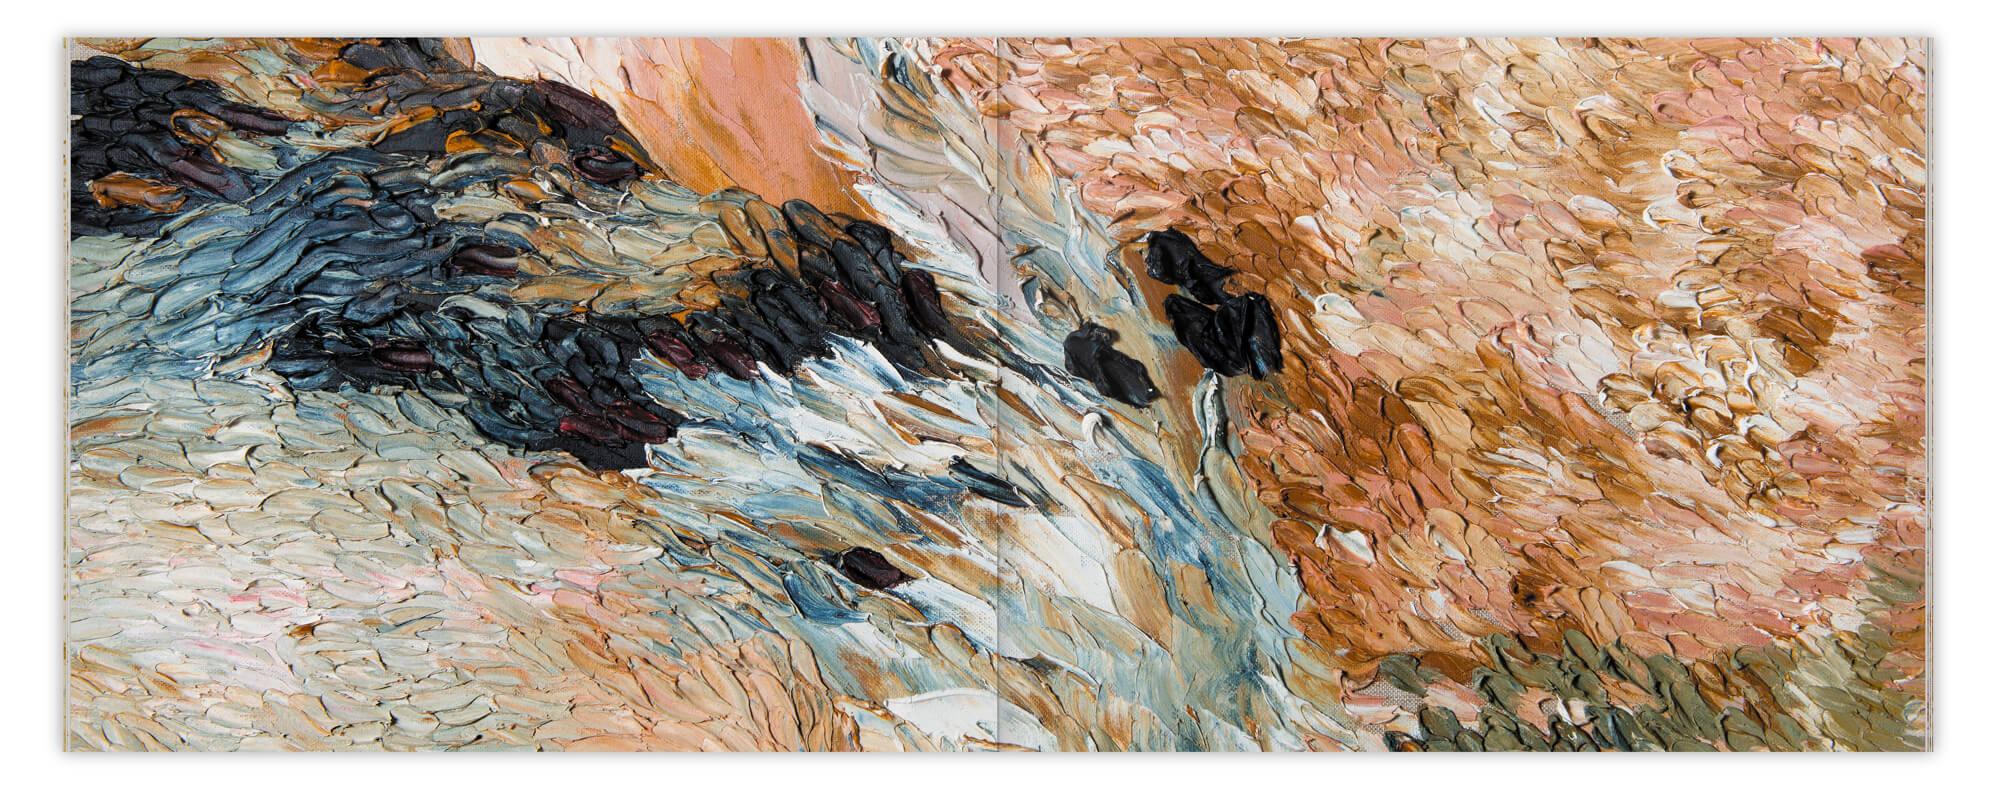 Double page de matière, détails d'une peinture de Daniela Busarello, design IchetKar